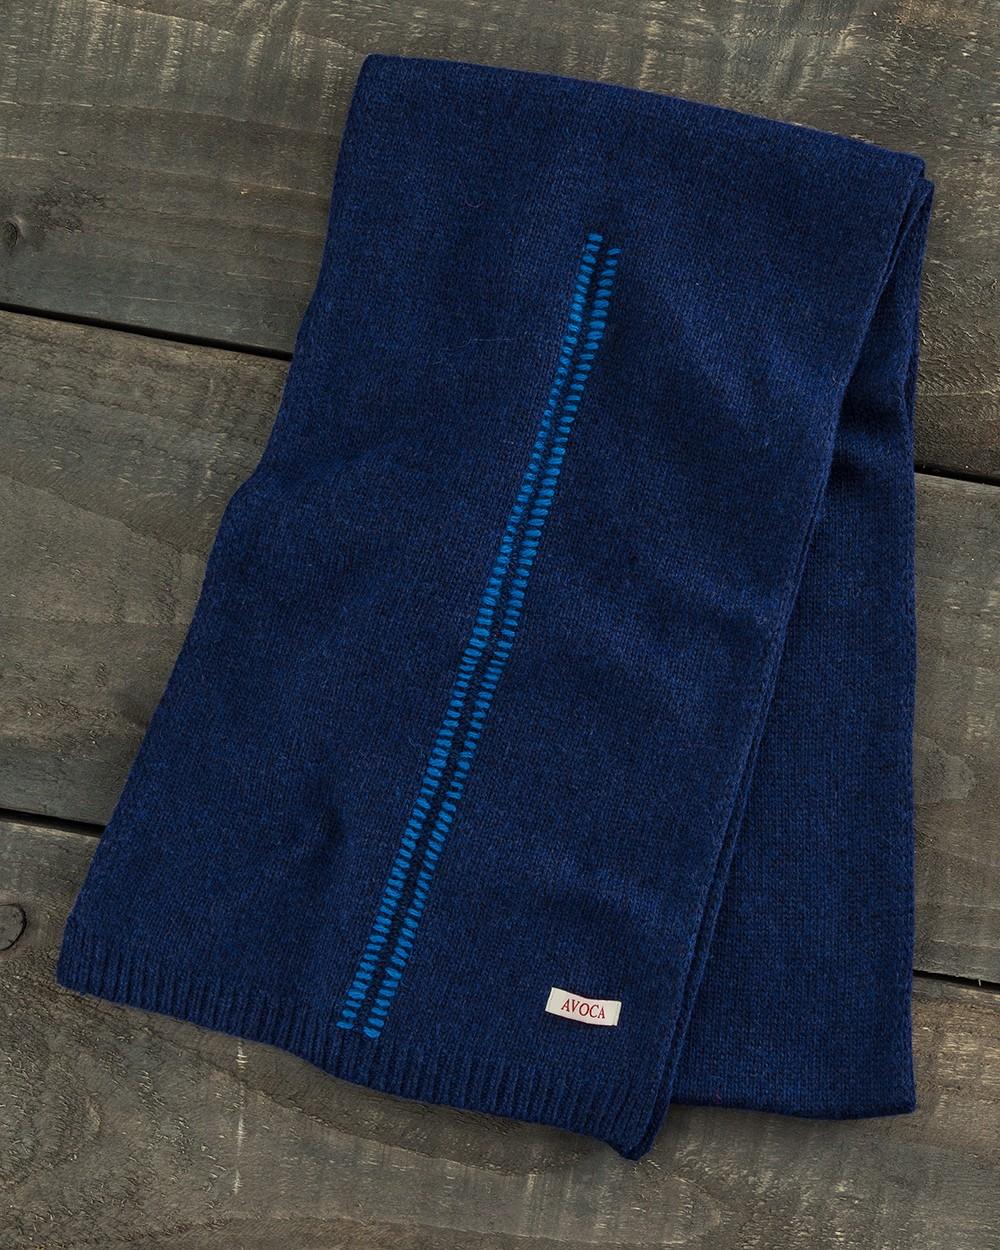 Blanket Stitch Scarf in Navy